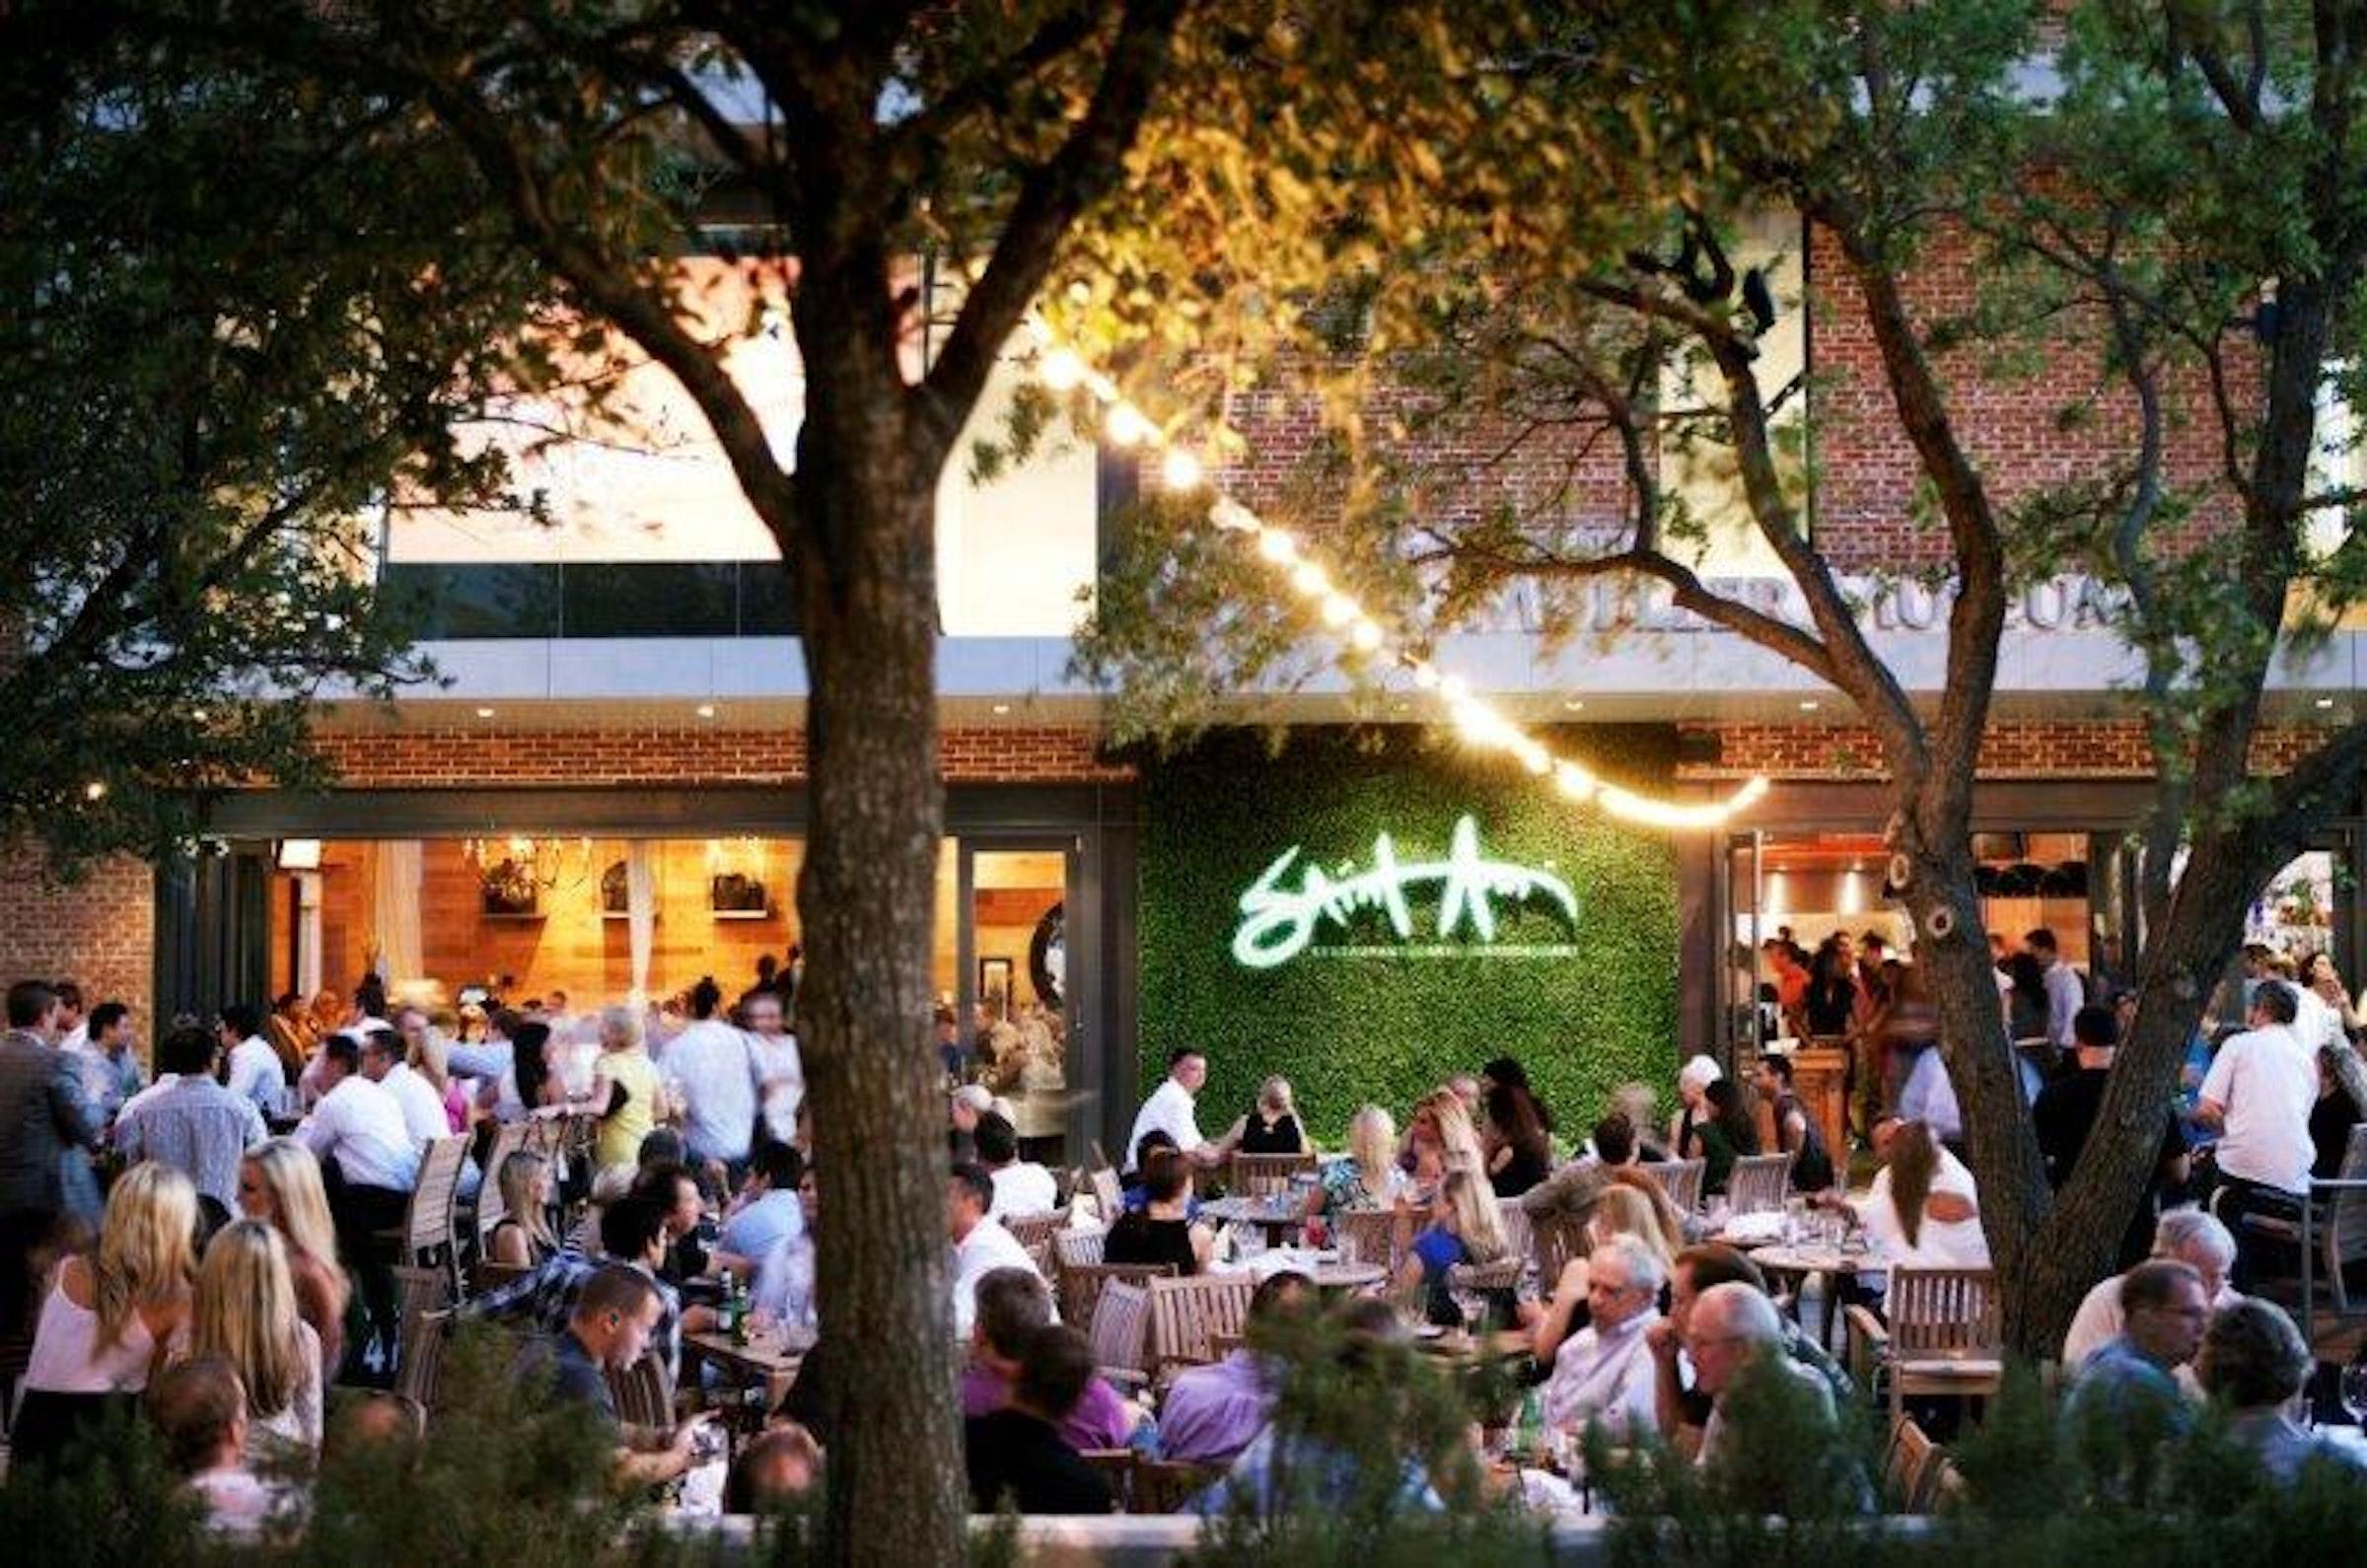 Saint Ann Restaurant & Bar in Beyond Dallas